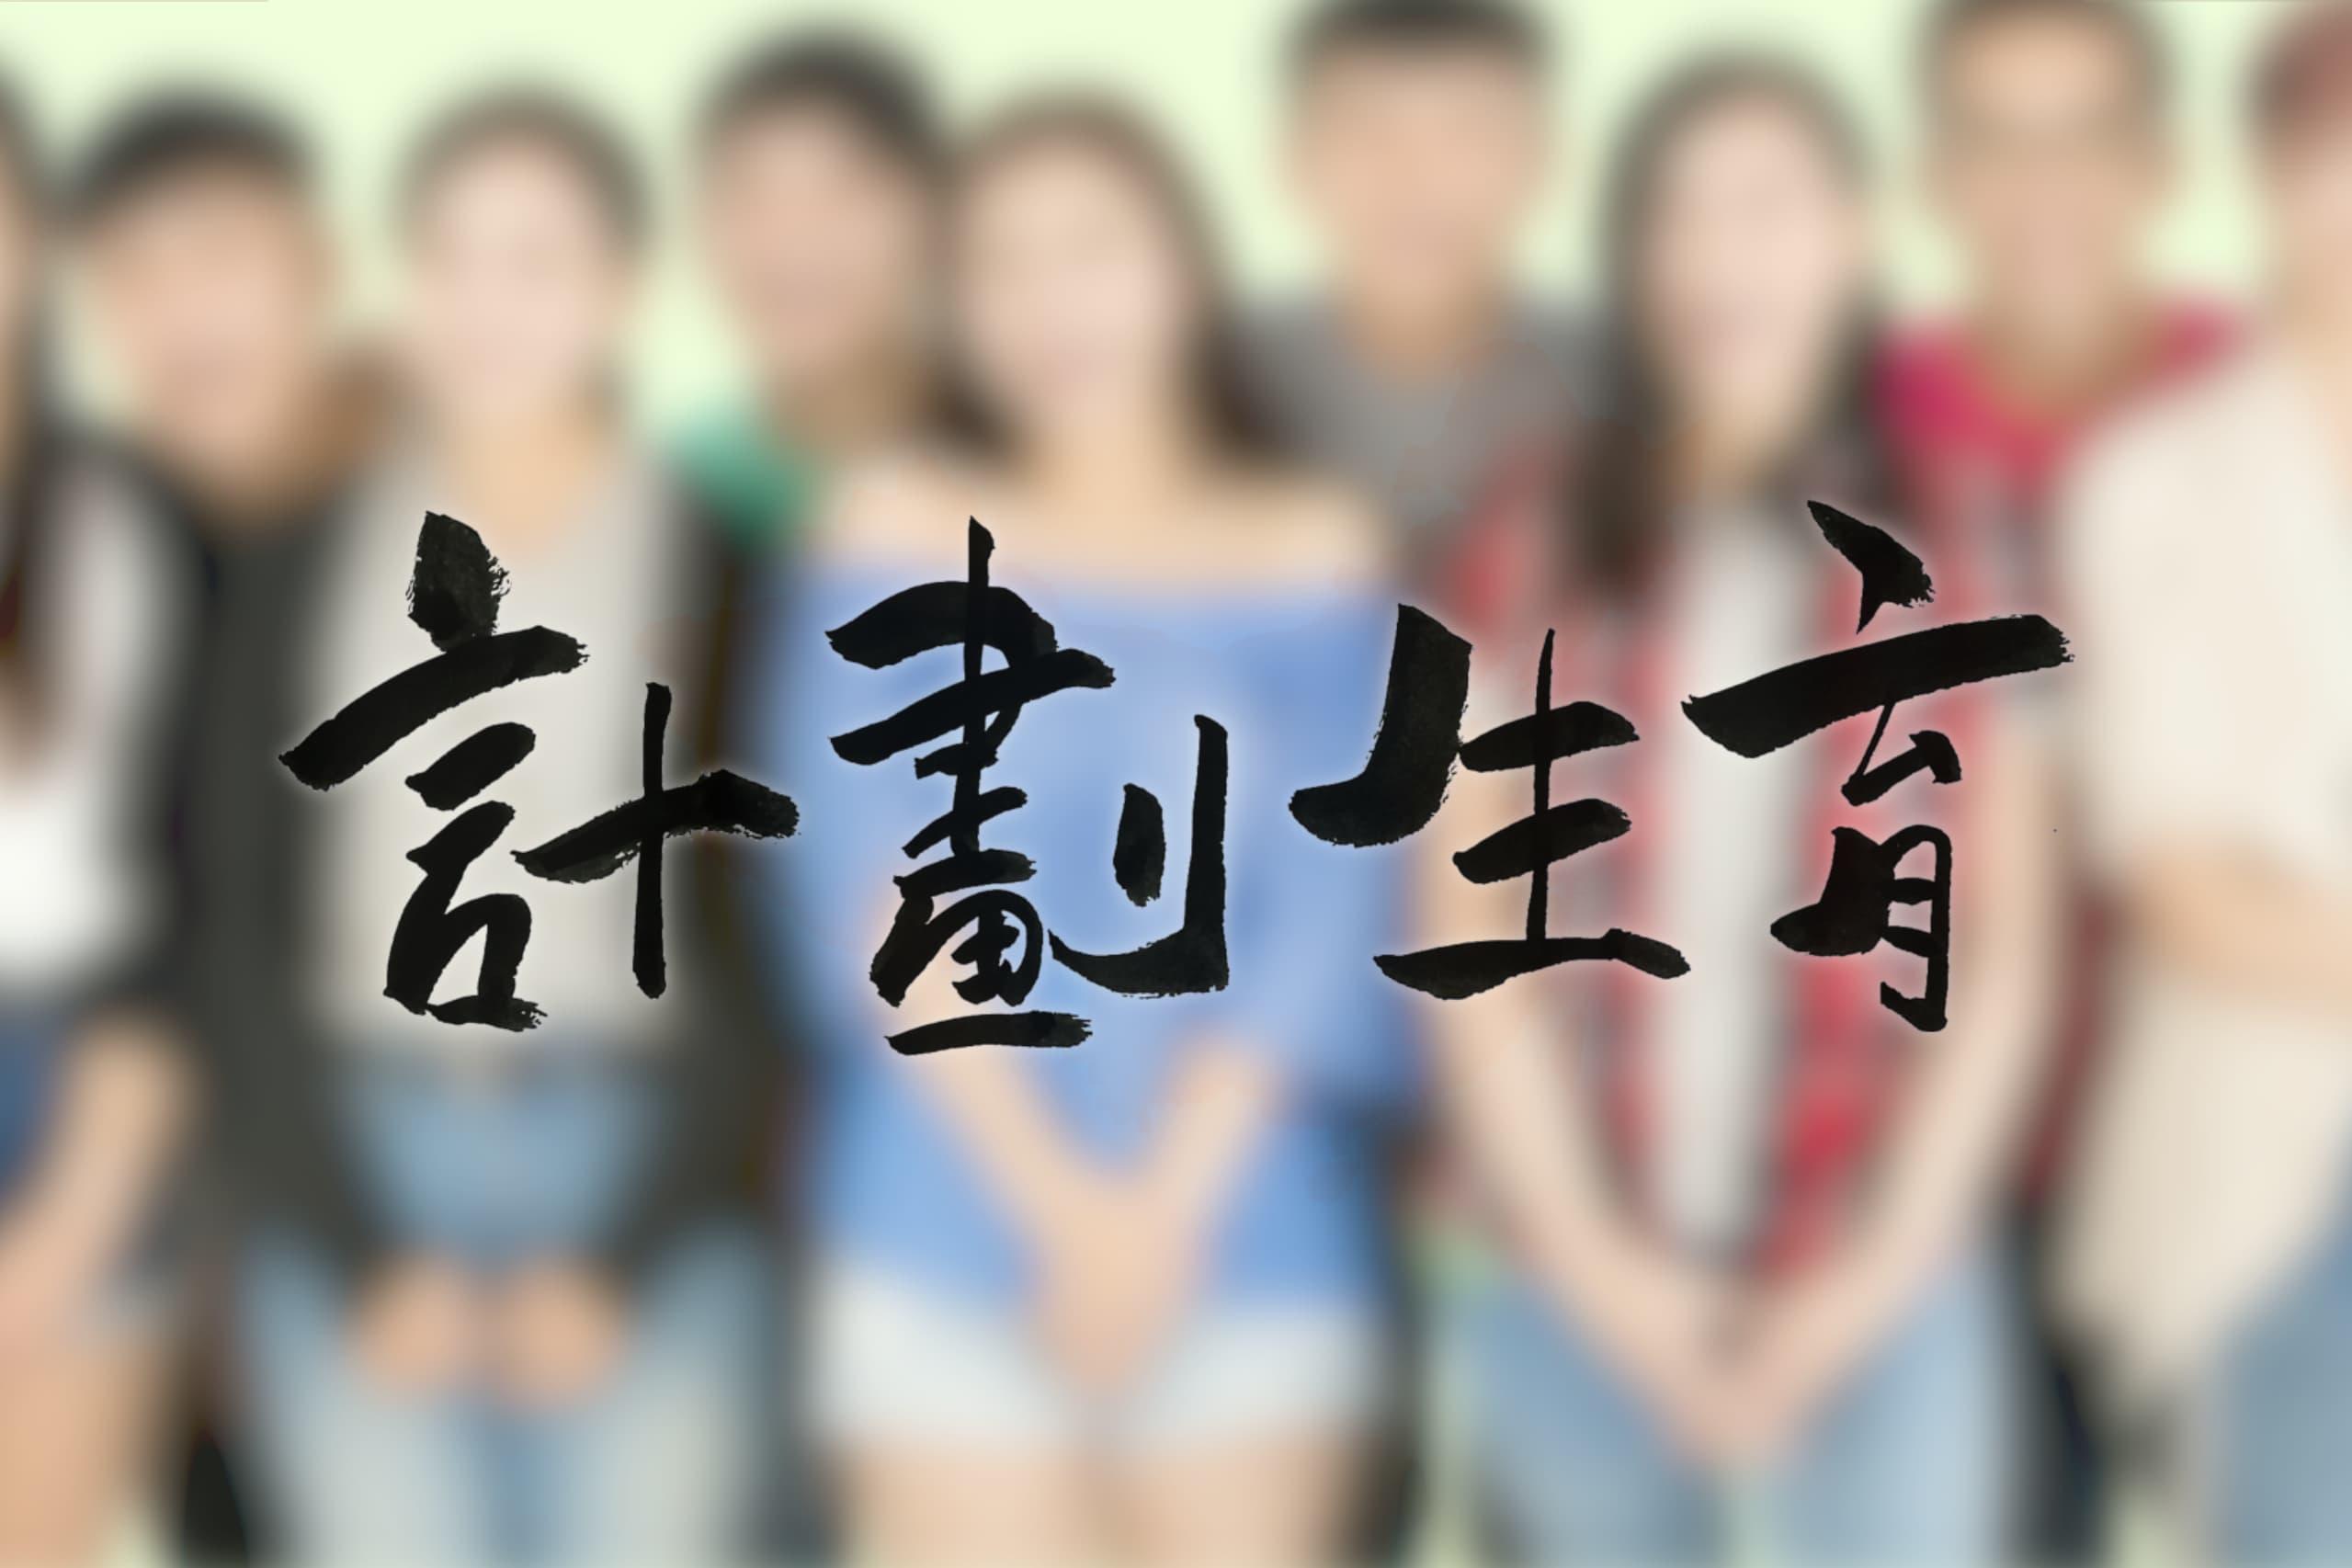 yingmukuaizhao_2019-09-26_xiawu4.53.45